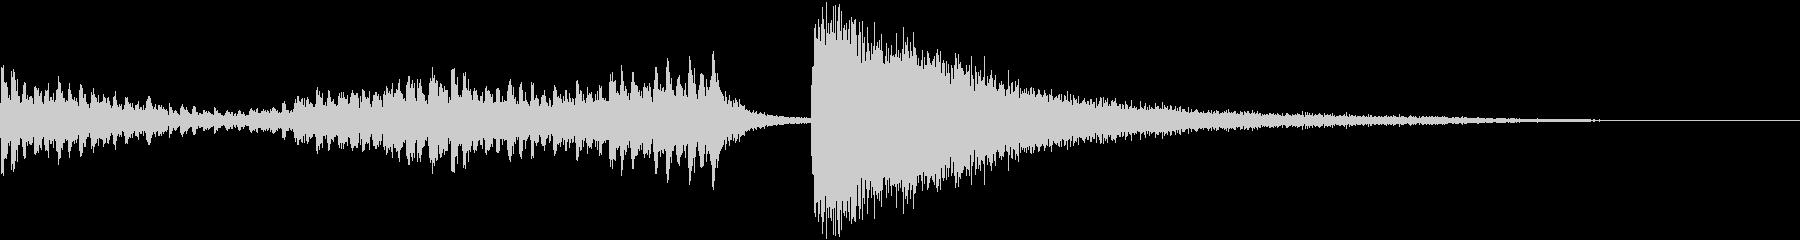 結果発表の際に使用できる、ドラムロールの未再生の波形